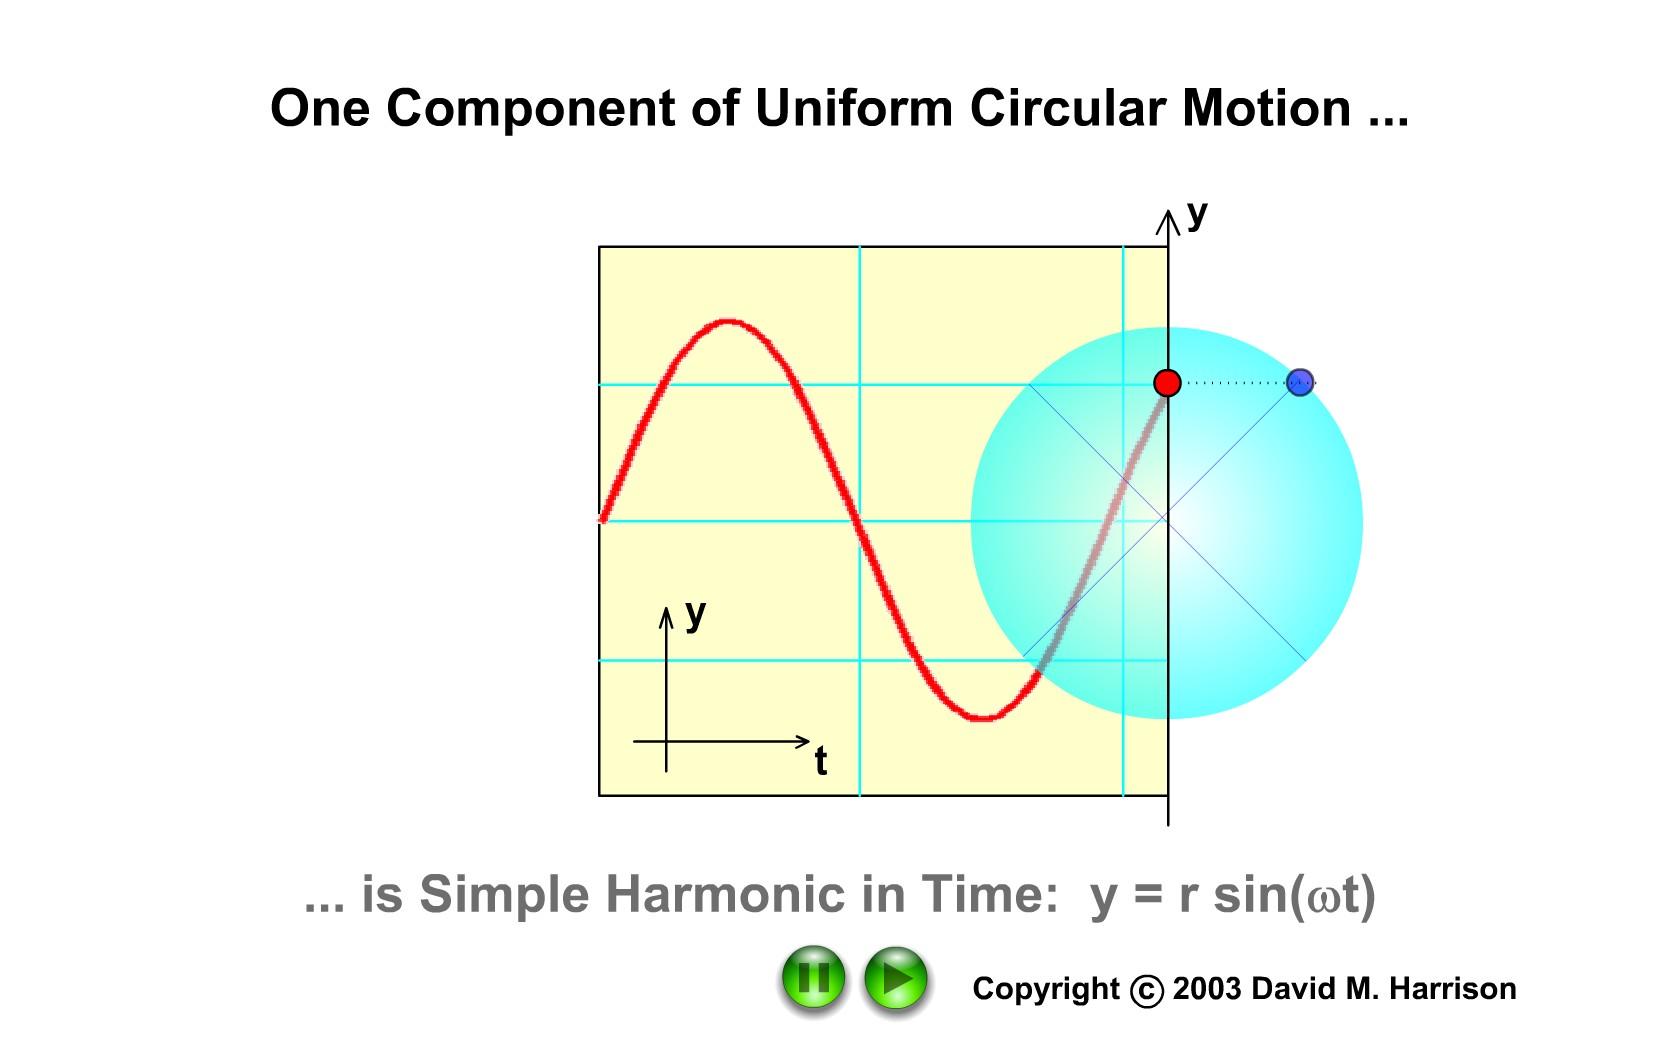 Poziţia proiecţiei punctului material care se roteşte uniform, variază sinusoidal în timp.